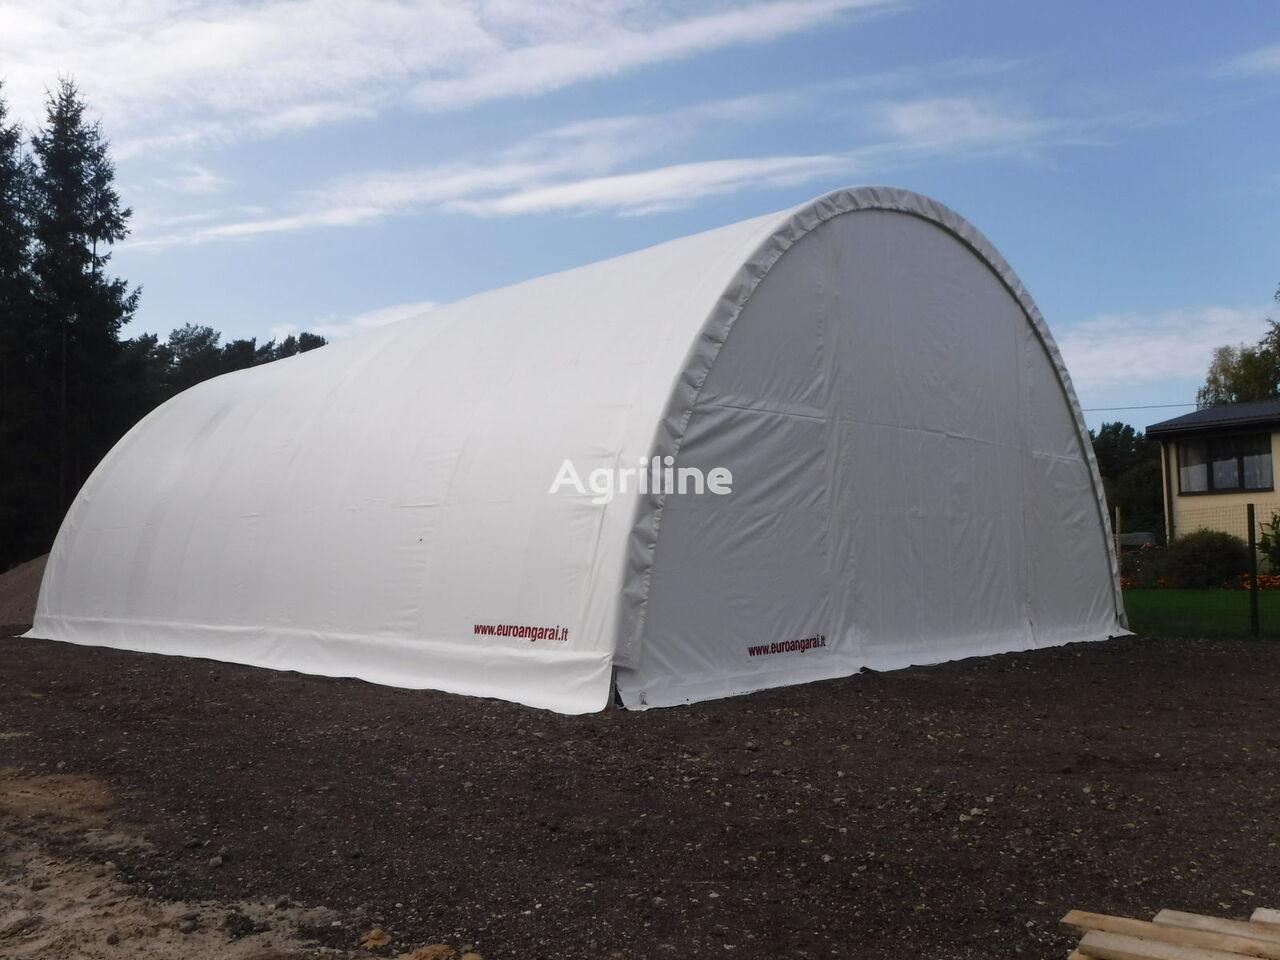 Tentinis angaras ULA110 Hangar